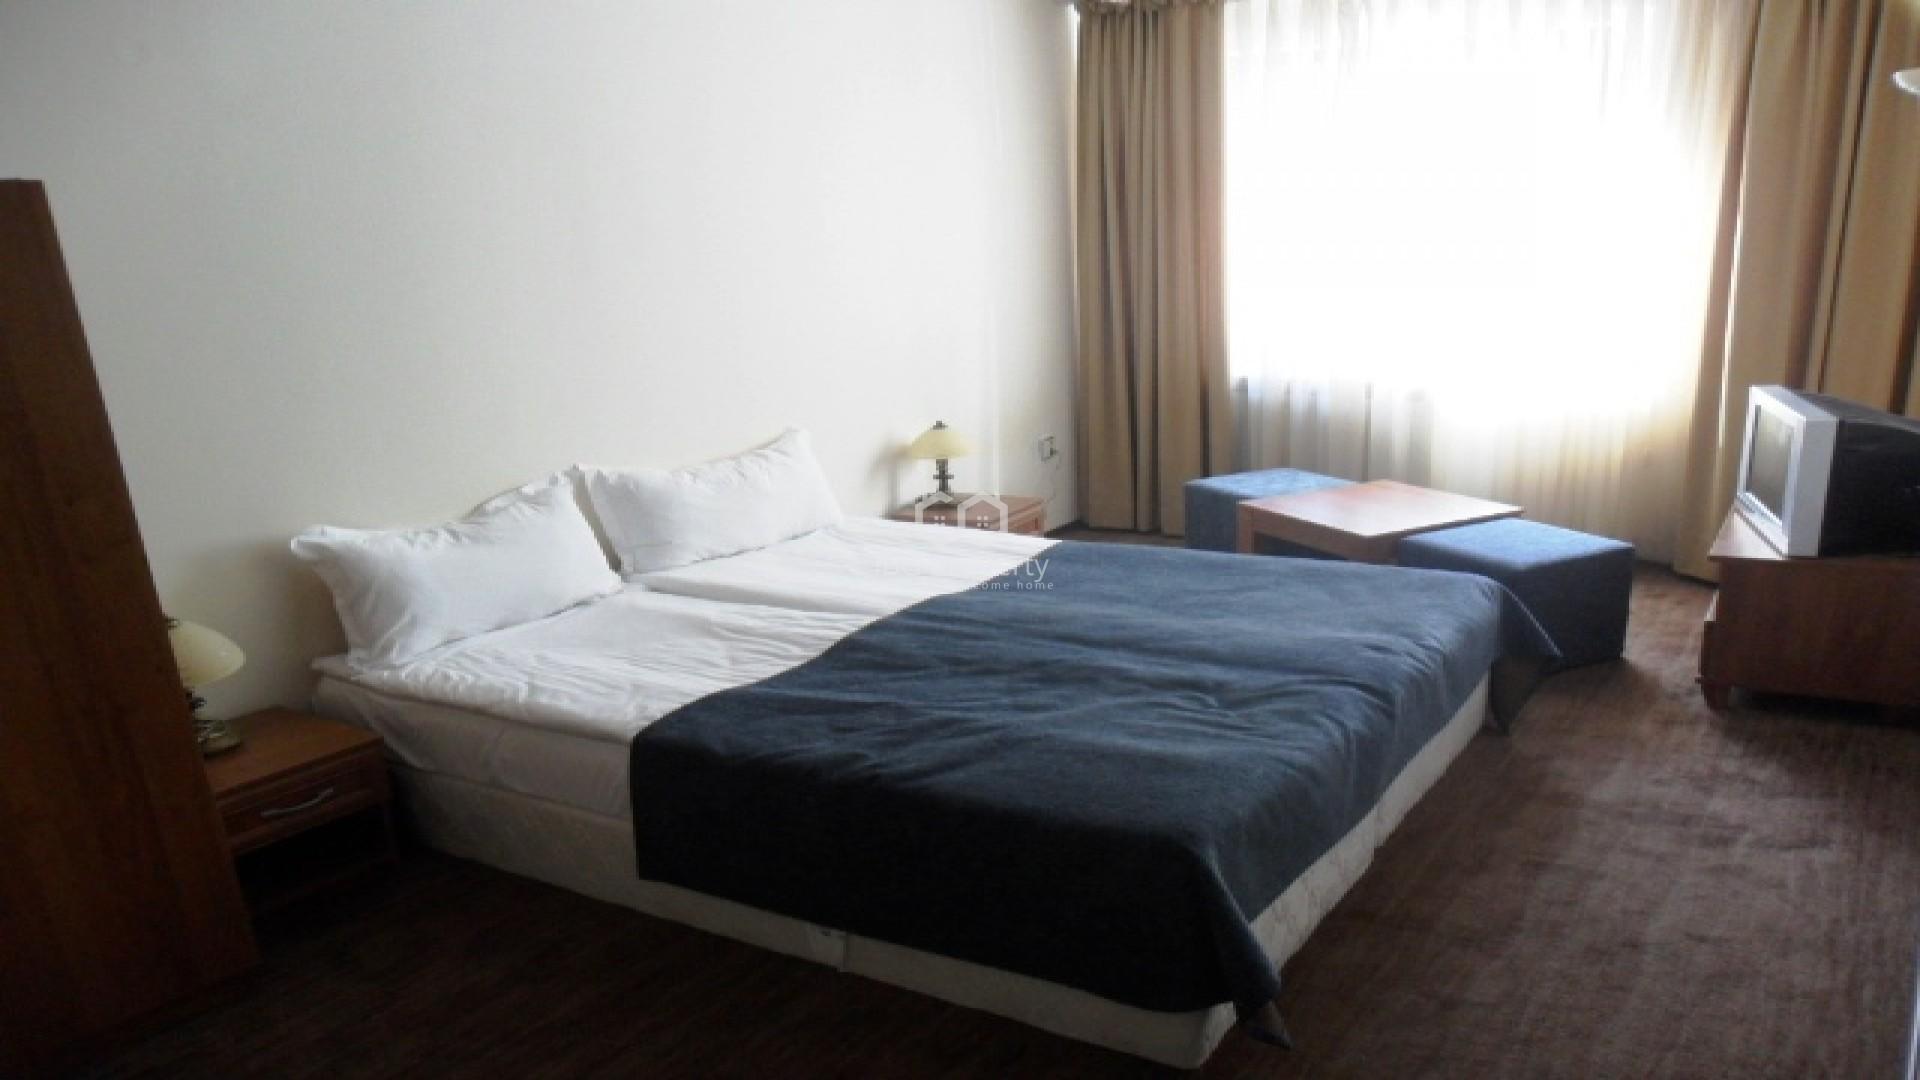 Едностаен апартамент Банско 41 m2